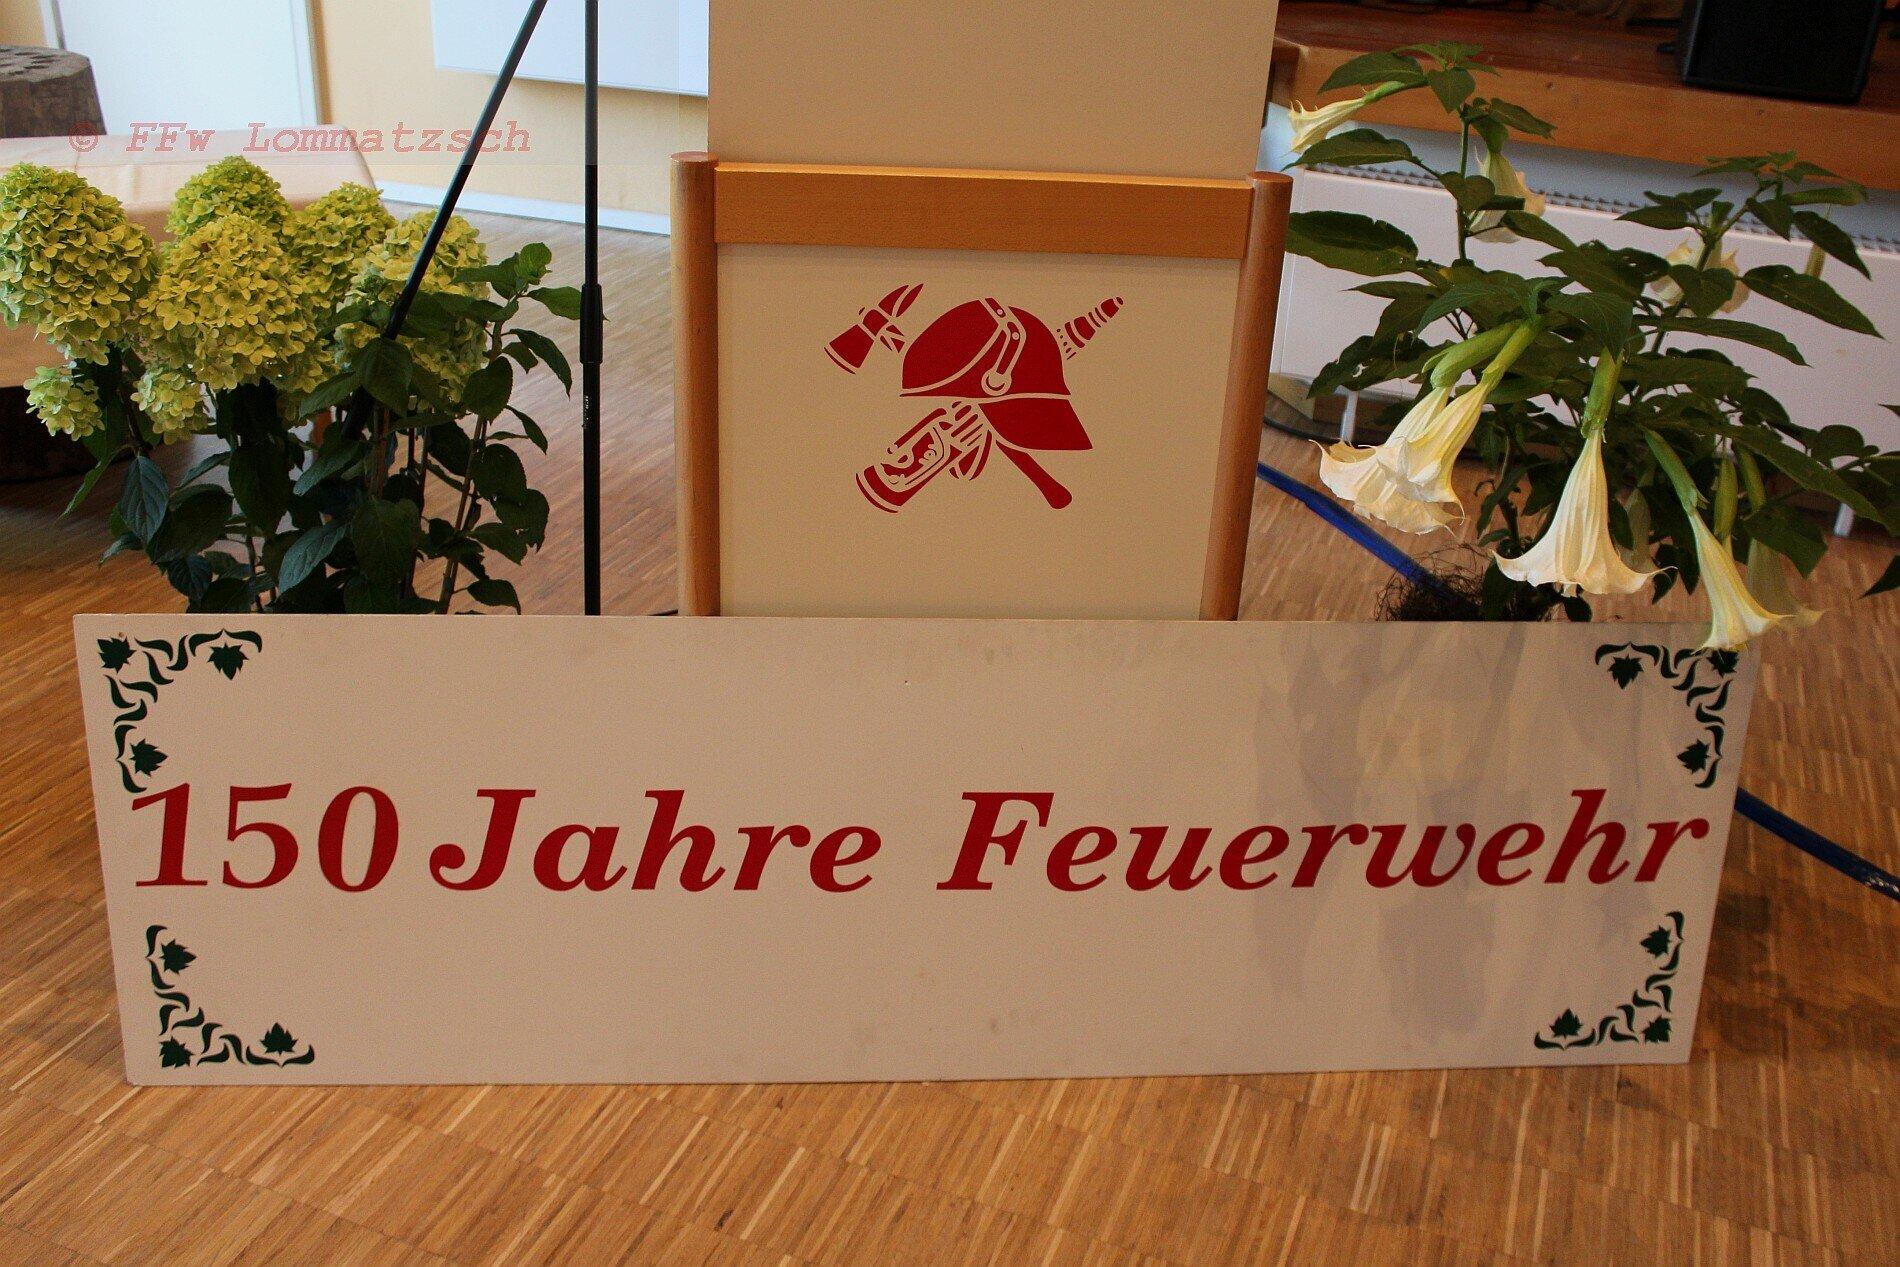 150 Jahre FFw Lommatzsch